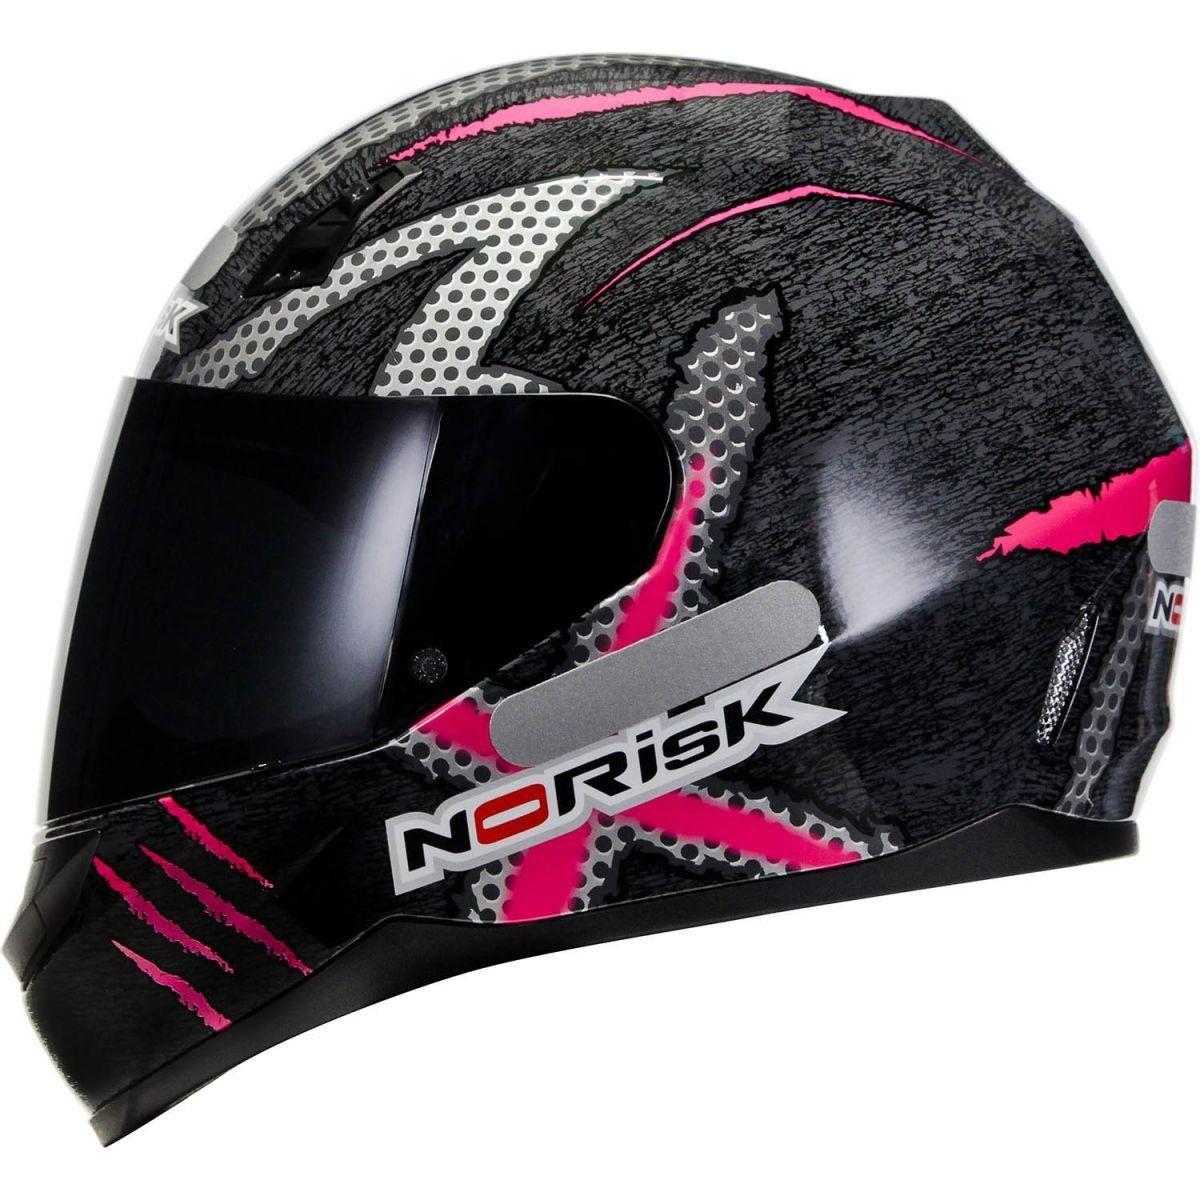 Capacete Norisk FF391 Expose  - Motorshopp